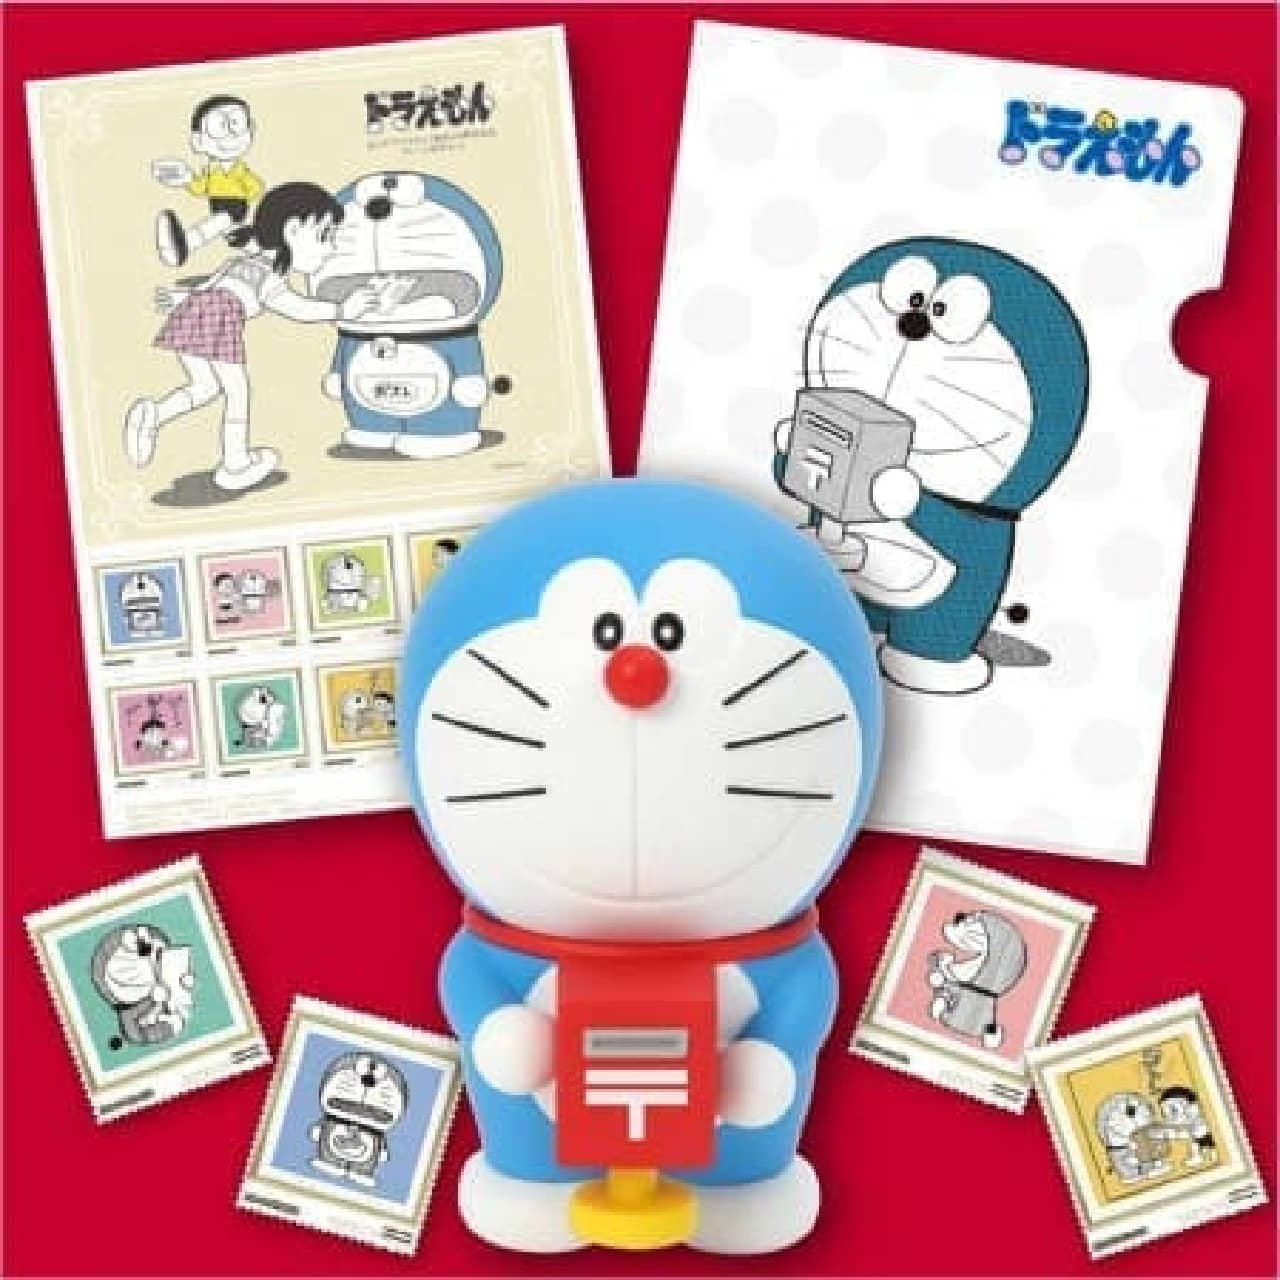 ドラえもん×郵便局の豪華セット  (c)藤子プロ